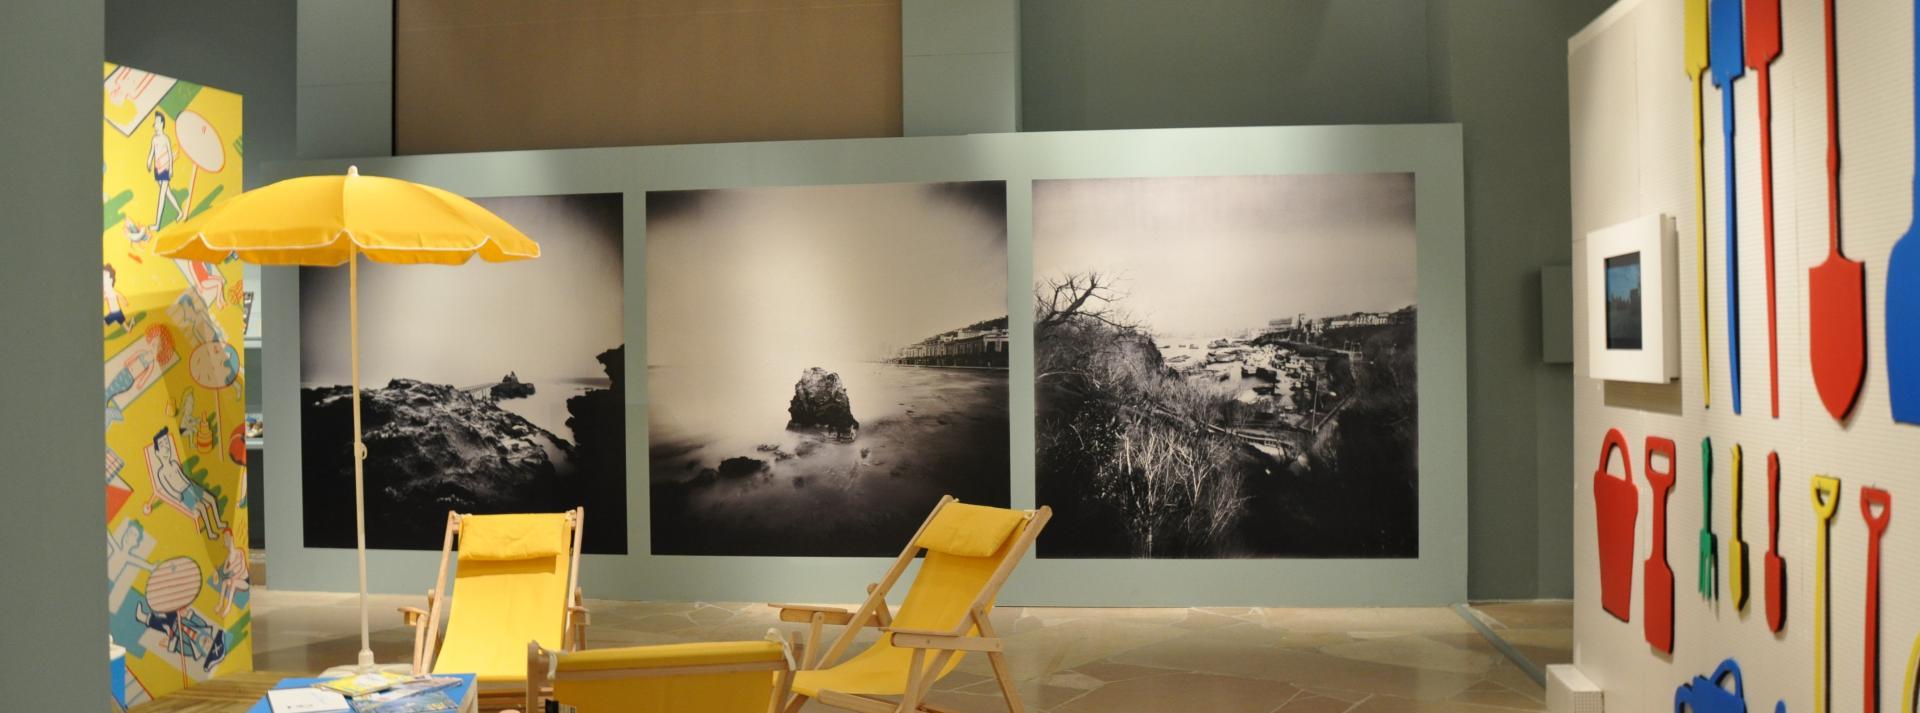 espace atelier tous la plage cit de l 39 architecture du patrimoine. Black Bedroom Furniture Sets. Home Design Ideas